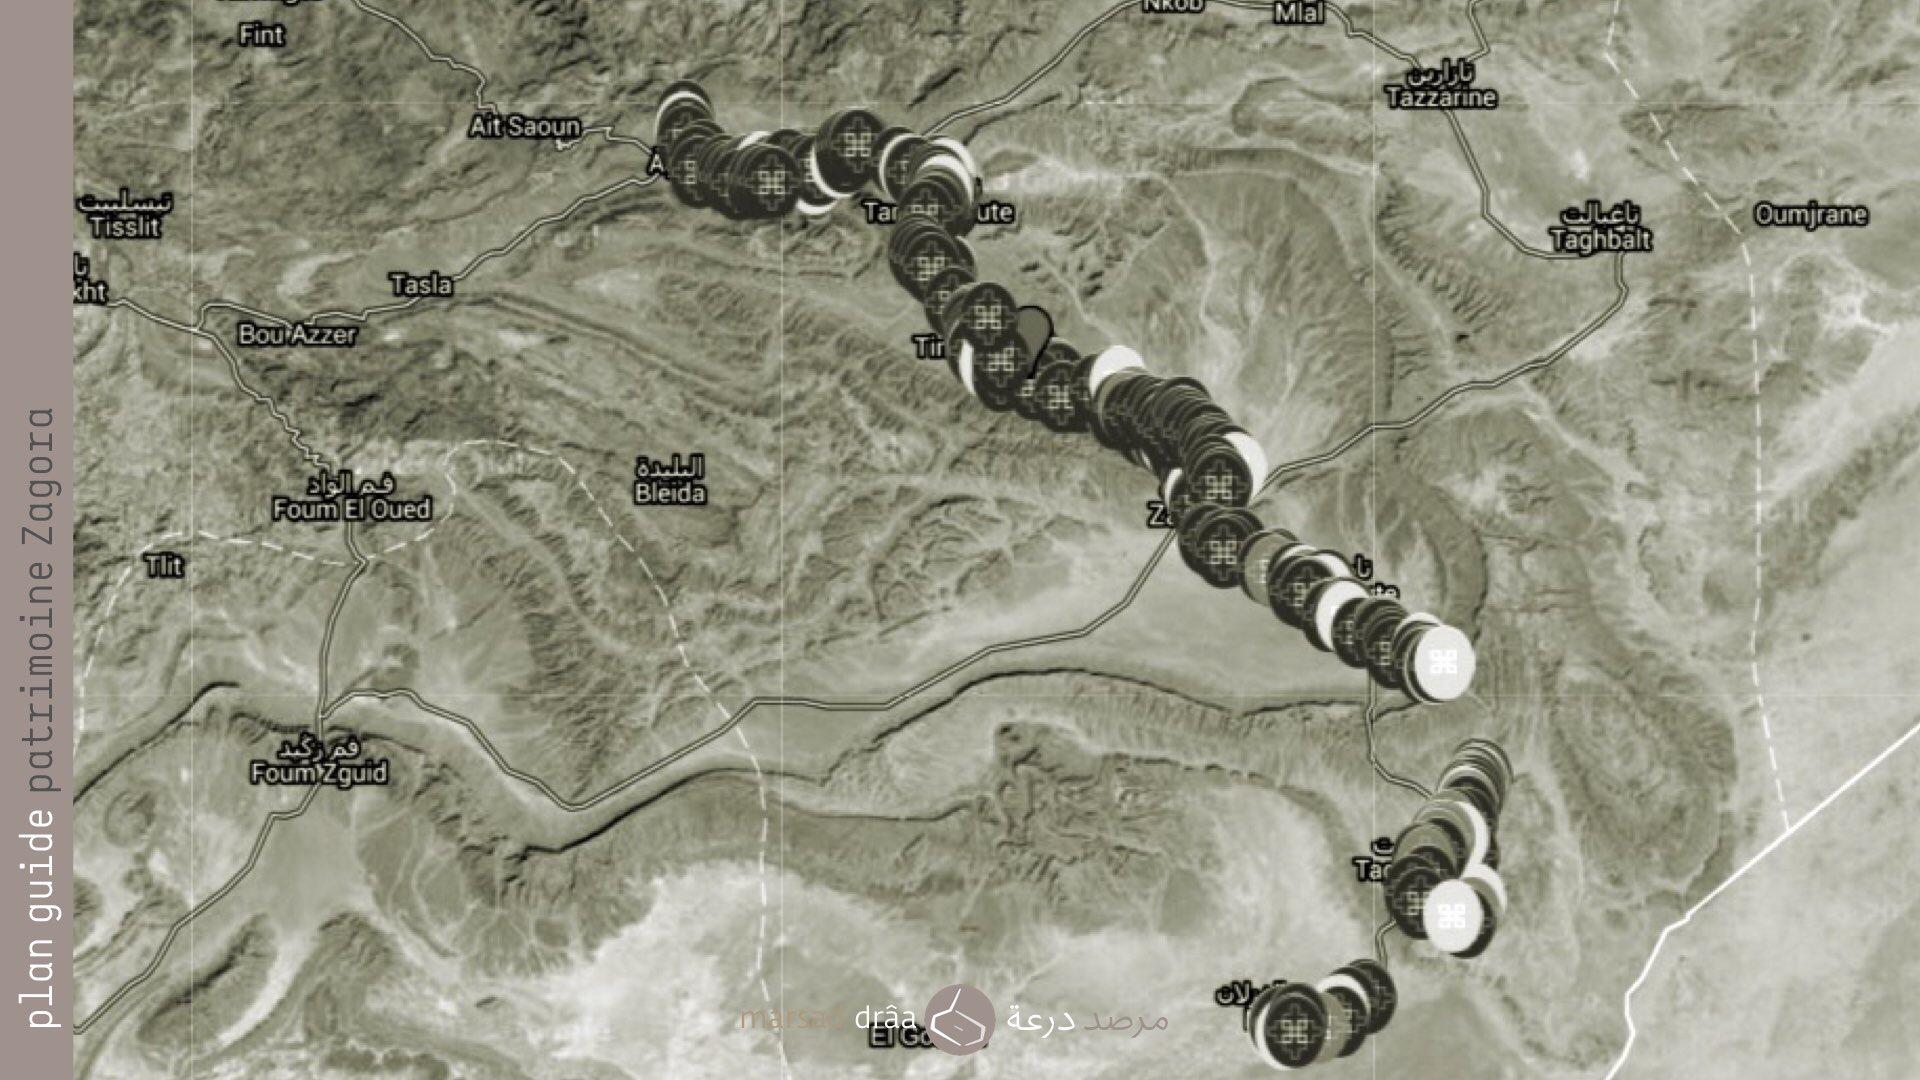 30. Le patrimoine comme source de sagesse et une des raisons pour laquelle nous avons fait le plan guide du patrimoine de la vallée du Drâa avec le CERKAS d'Ouarzazate. Dorénavant on peut trouver sur Google Maps 4 des 7 palmeraies de Zagora, avec la situation des ksour, zaüias et kasbahs, des informations, des photos, des vidéos...     Mezguita: https://www.google.com/maps/d/viewer?mid=zutzExpIIojk.kgQtVZS82WiY&usp=sharing https://plus.google.com/collection/oCo9c     Fezouata: https://www.google.com/maps/d/viewer?mid=zutzExpIIojk.kMuQI18o5J1E&usp=sharing https://plus.google.com/collection/QEv1S     Ktaoua: https://www.google.com/maps/d/viewer?mid=zutzExpIIojk.k_6mzw988glc&usp=sharing https://plus.google.com/collection/cOx3S     M'hamid: https://www.google.com/maps/d/viewer?mid=zutzExpIIojk.kiwb3iBKTQkg&usp=sharing https://plus.google.com/collection/sV3-c